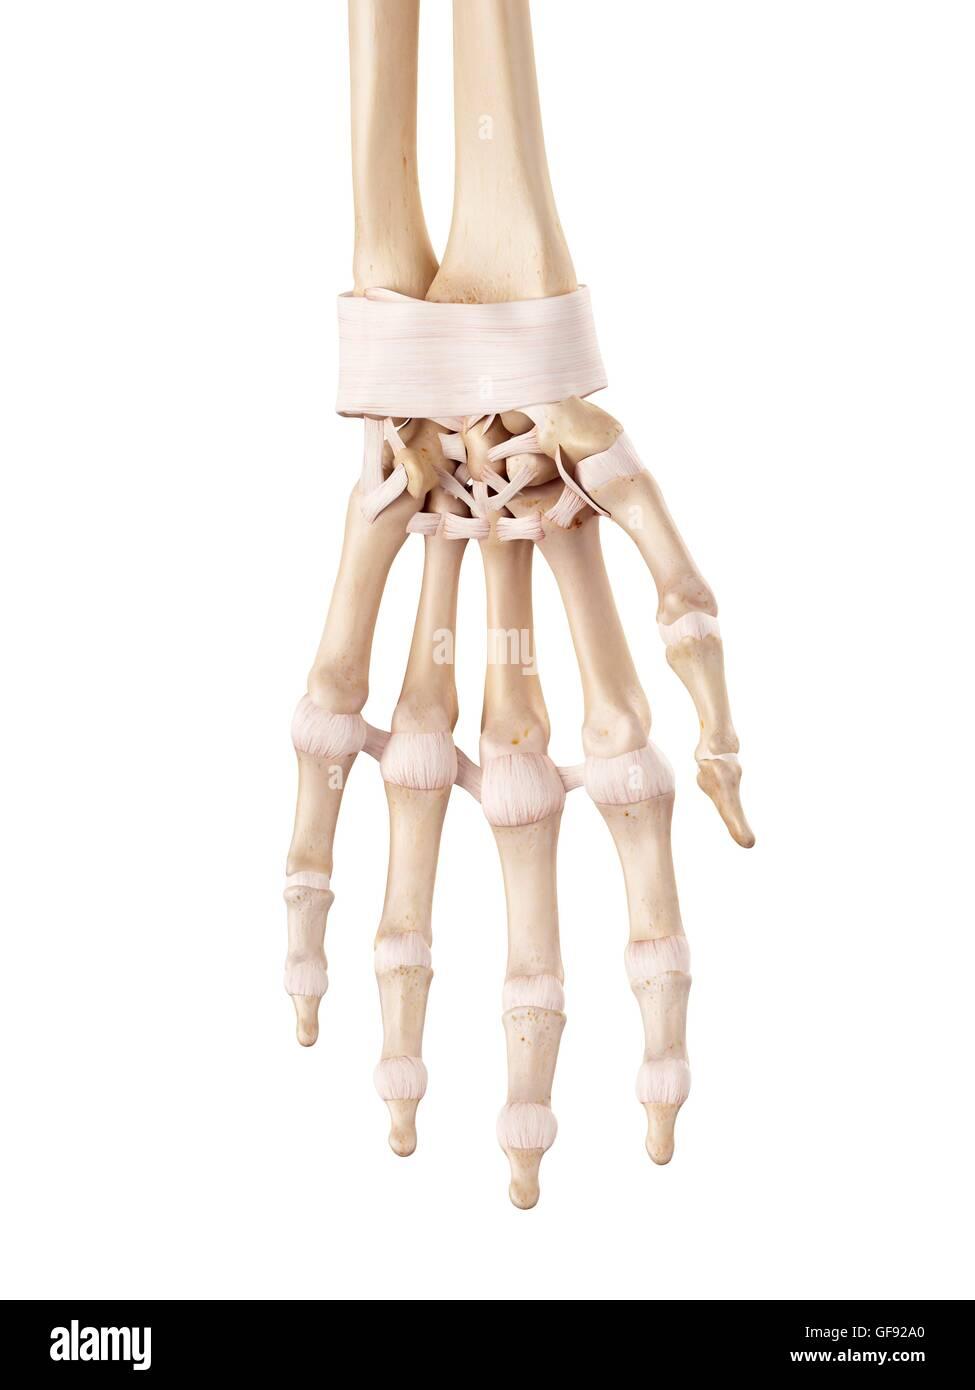 Menschliche Hand Bänder, Abbildung Stockfoto, Bild: 112681464 - Alamy